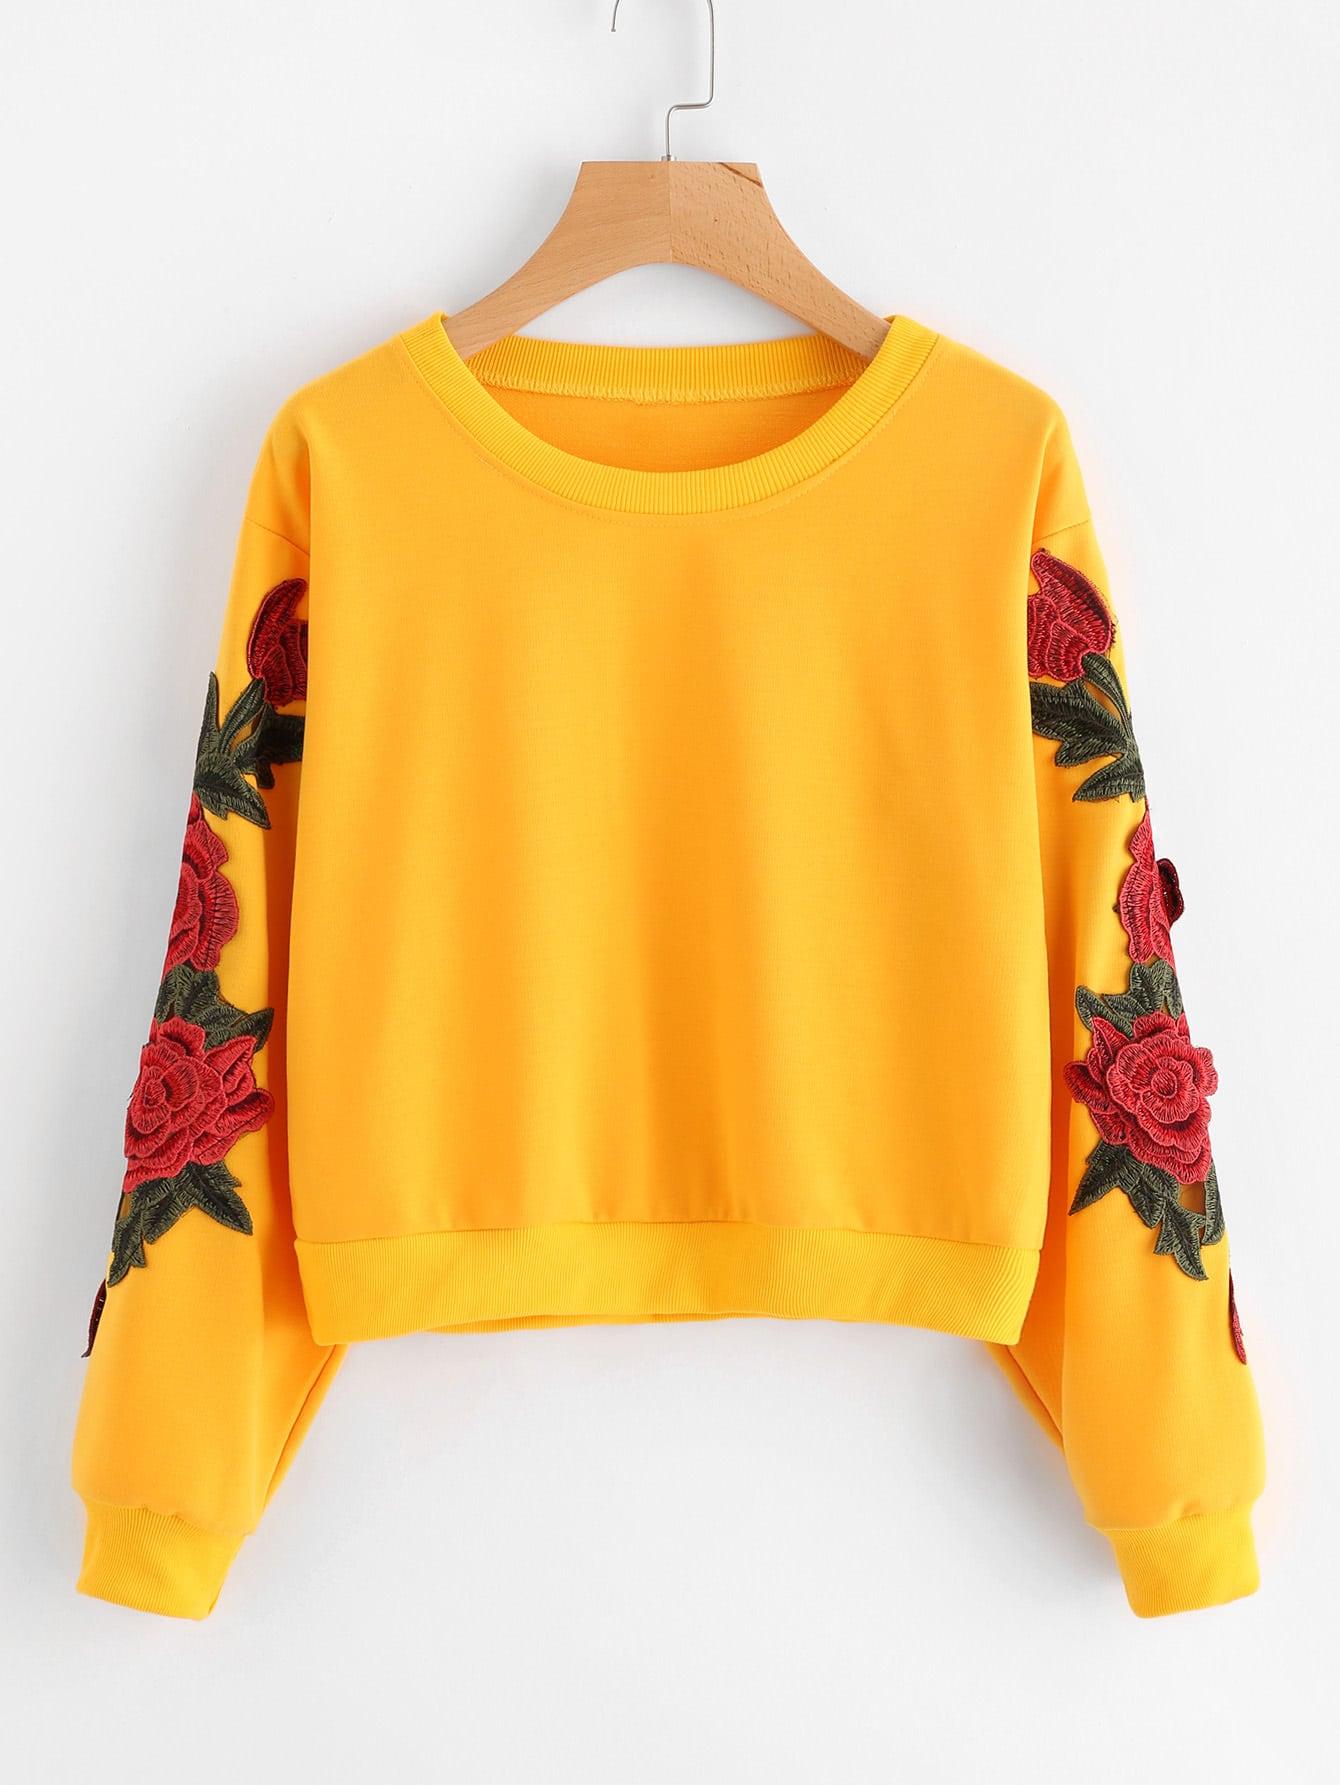 Rose Embroidered Applique Sweatshirt embroidered rose applique side split belt dress